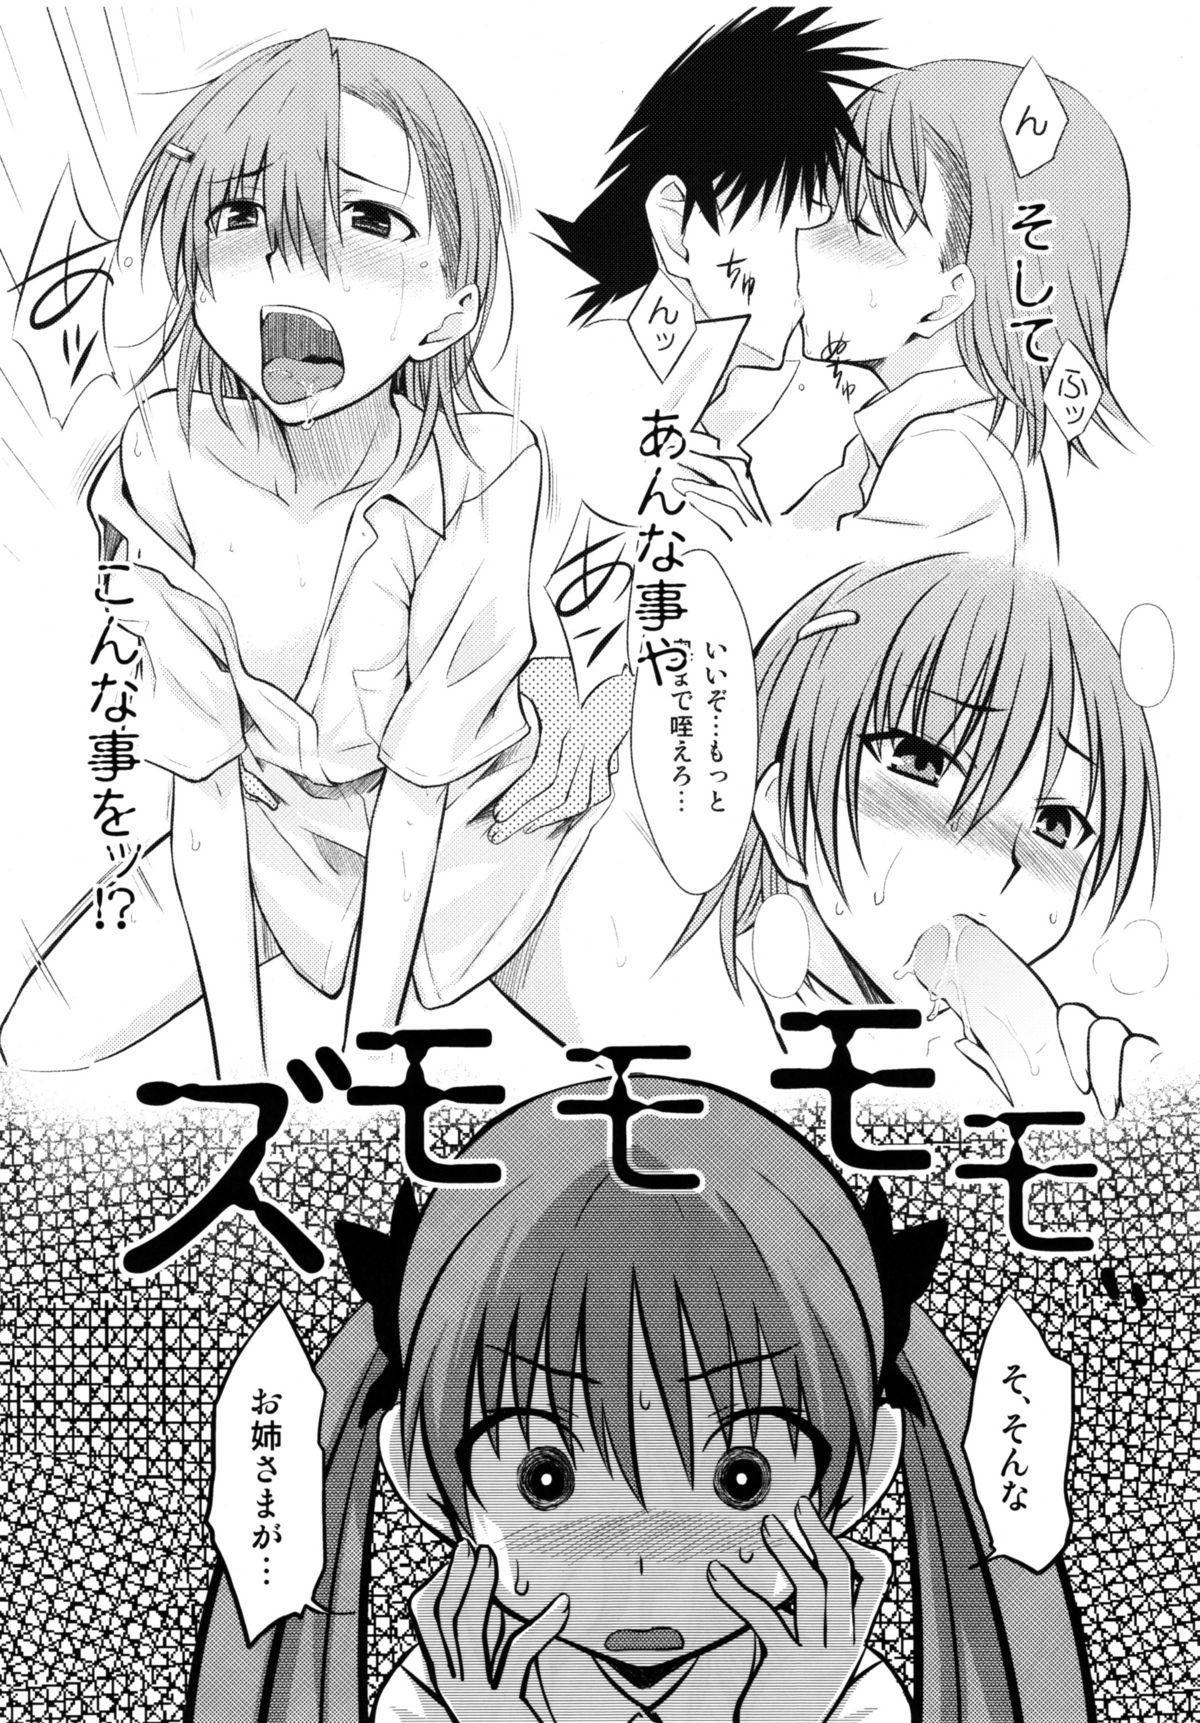 Toaru Himitsu no Onee-sama 4